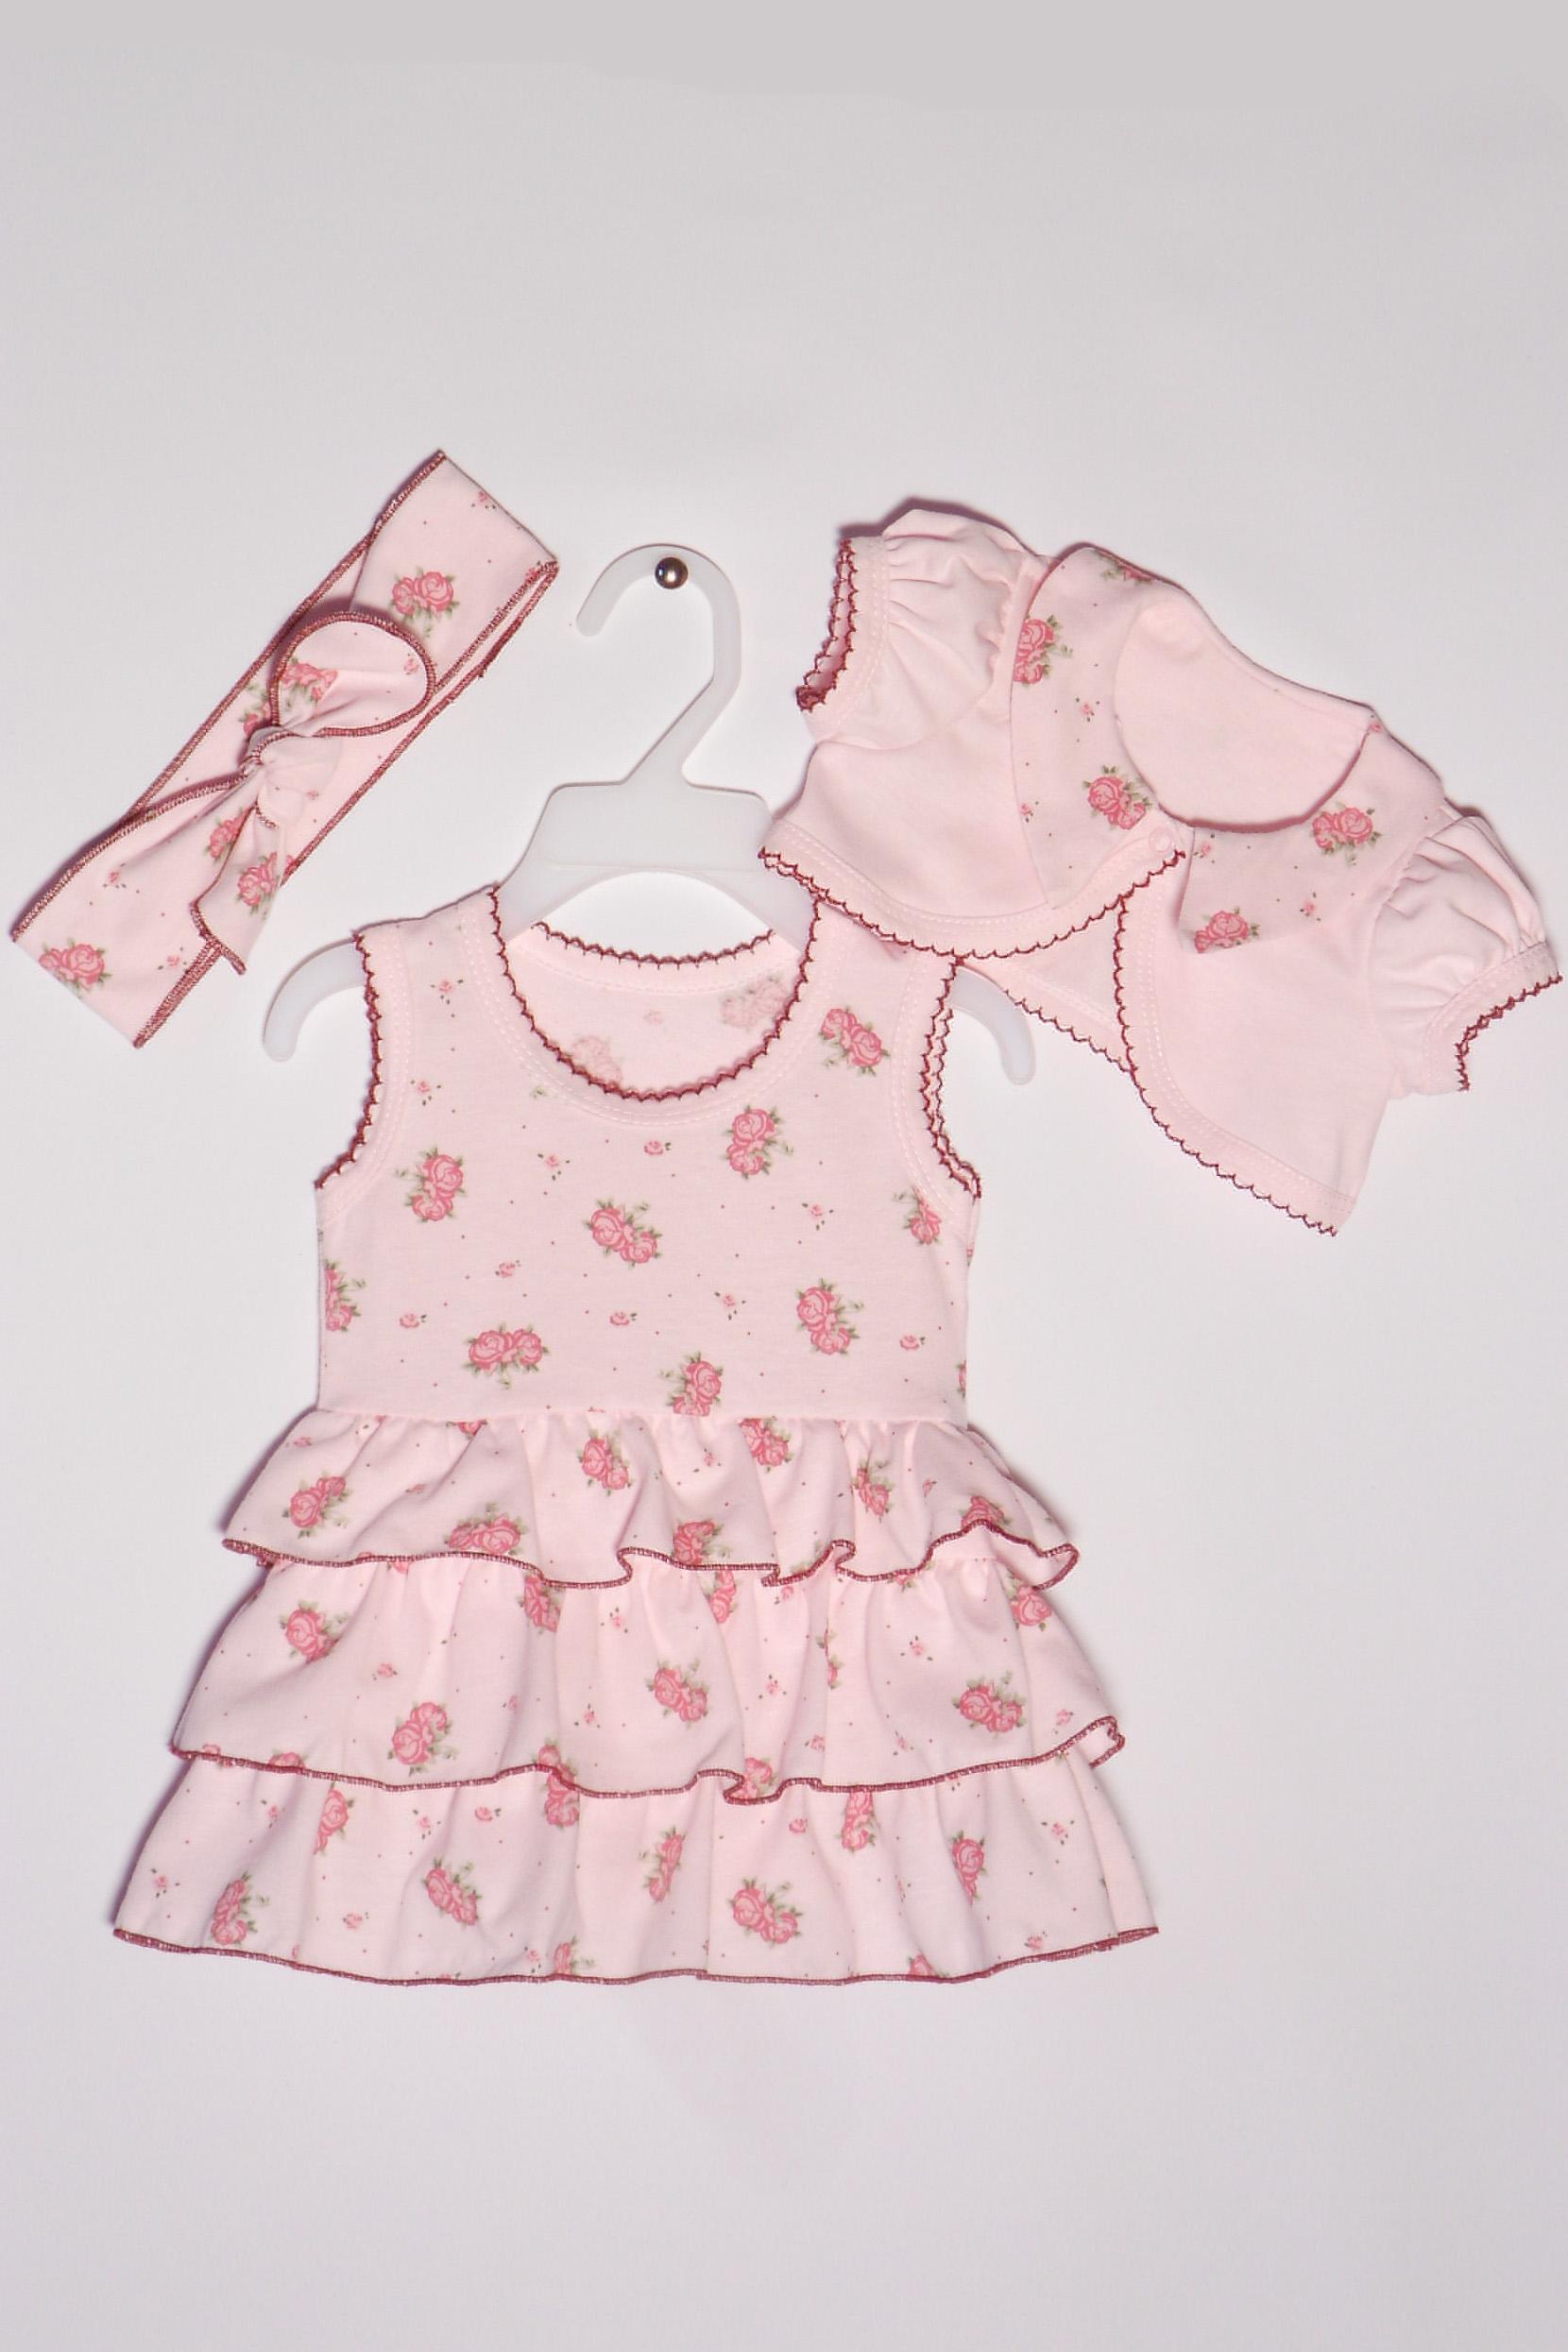 КомплектКомплекты<br>Хлопковый комплект для новорожденного  Цвет: розовый, мультицвет  Размер соответствует росту ребенка<br><br>По сезону: Осень,Весна<br>Размер : 68<br>Материал: Хлопок<br>Количество в наличии: 1